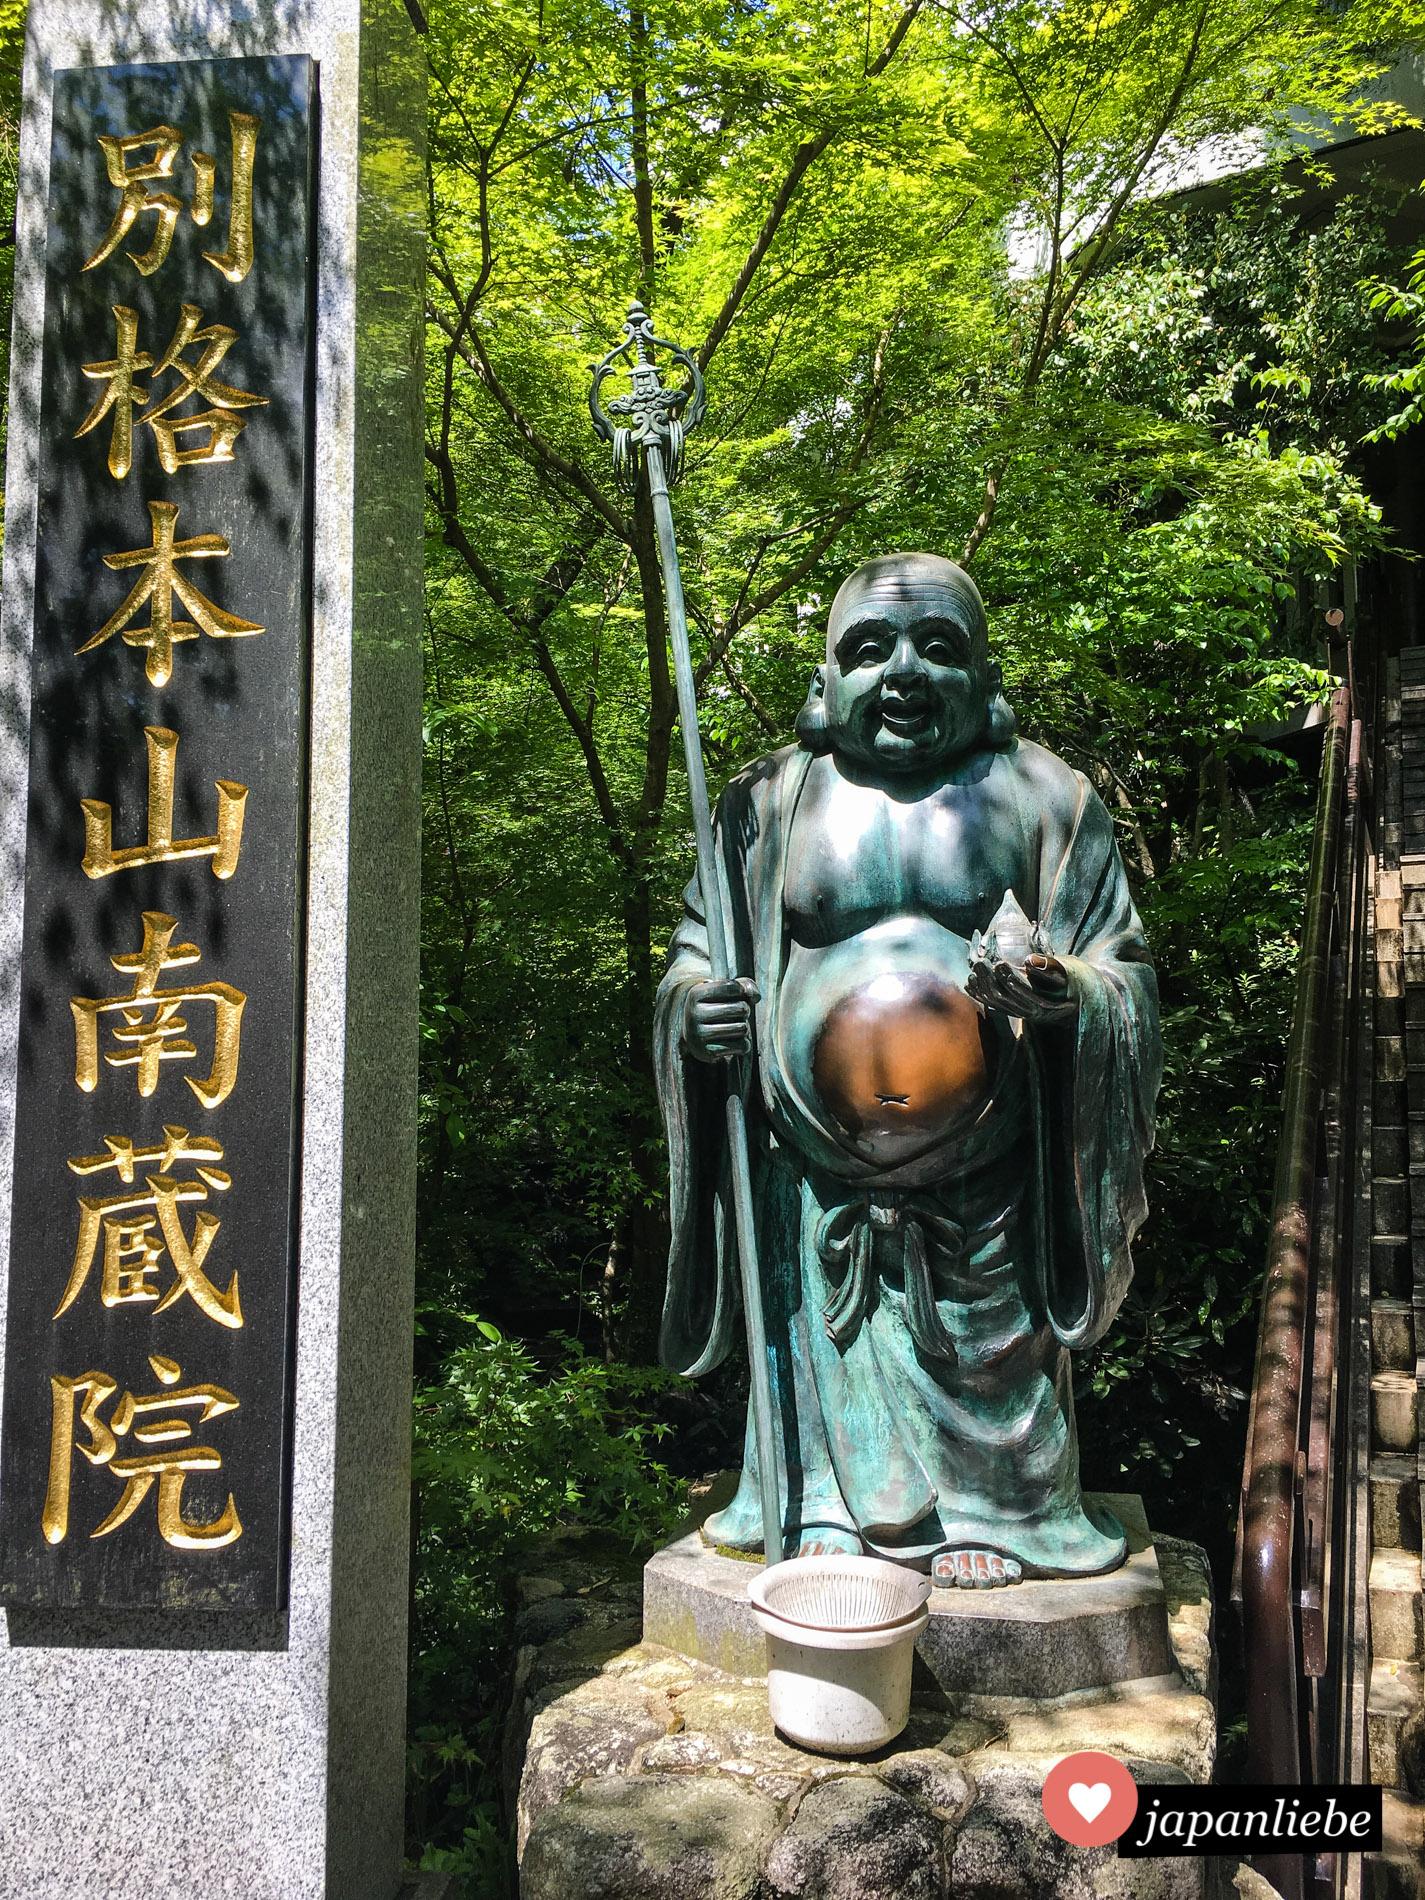 Am Eingang zum Nanzo-in-Tempel reiben die Besucher oft den Bauch der Statue für etwas mehr Glück.